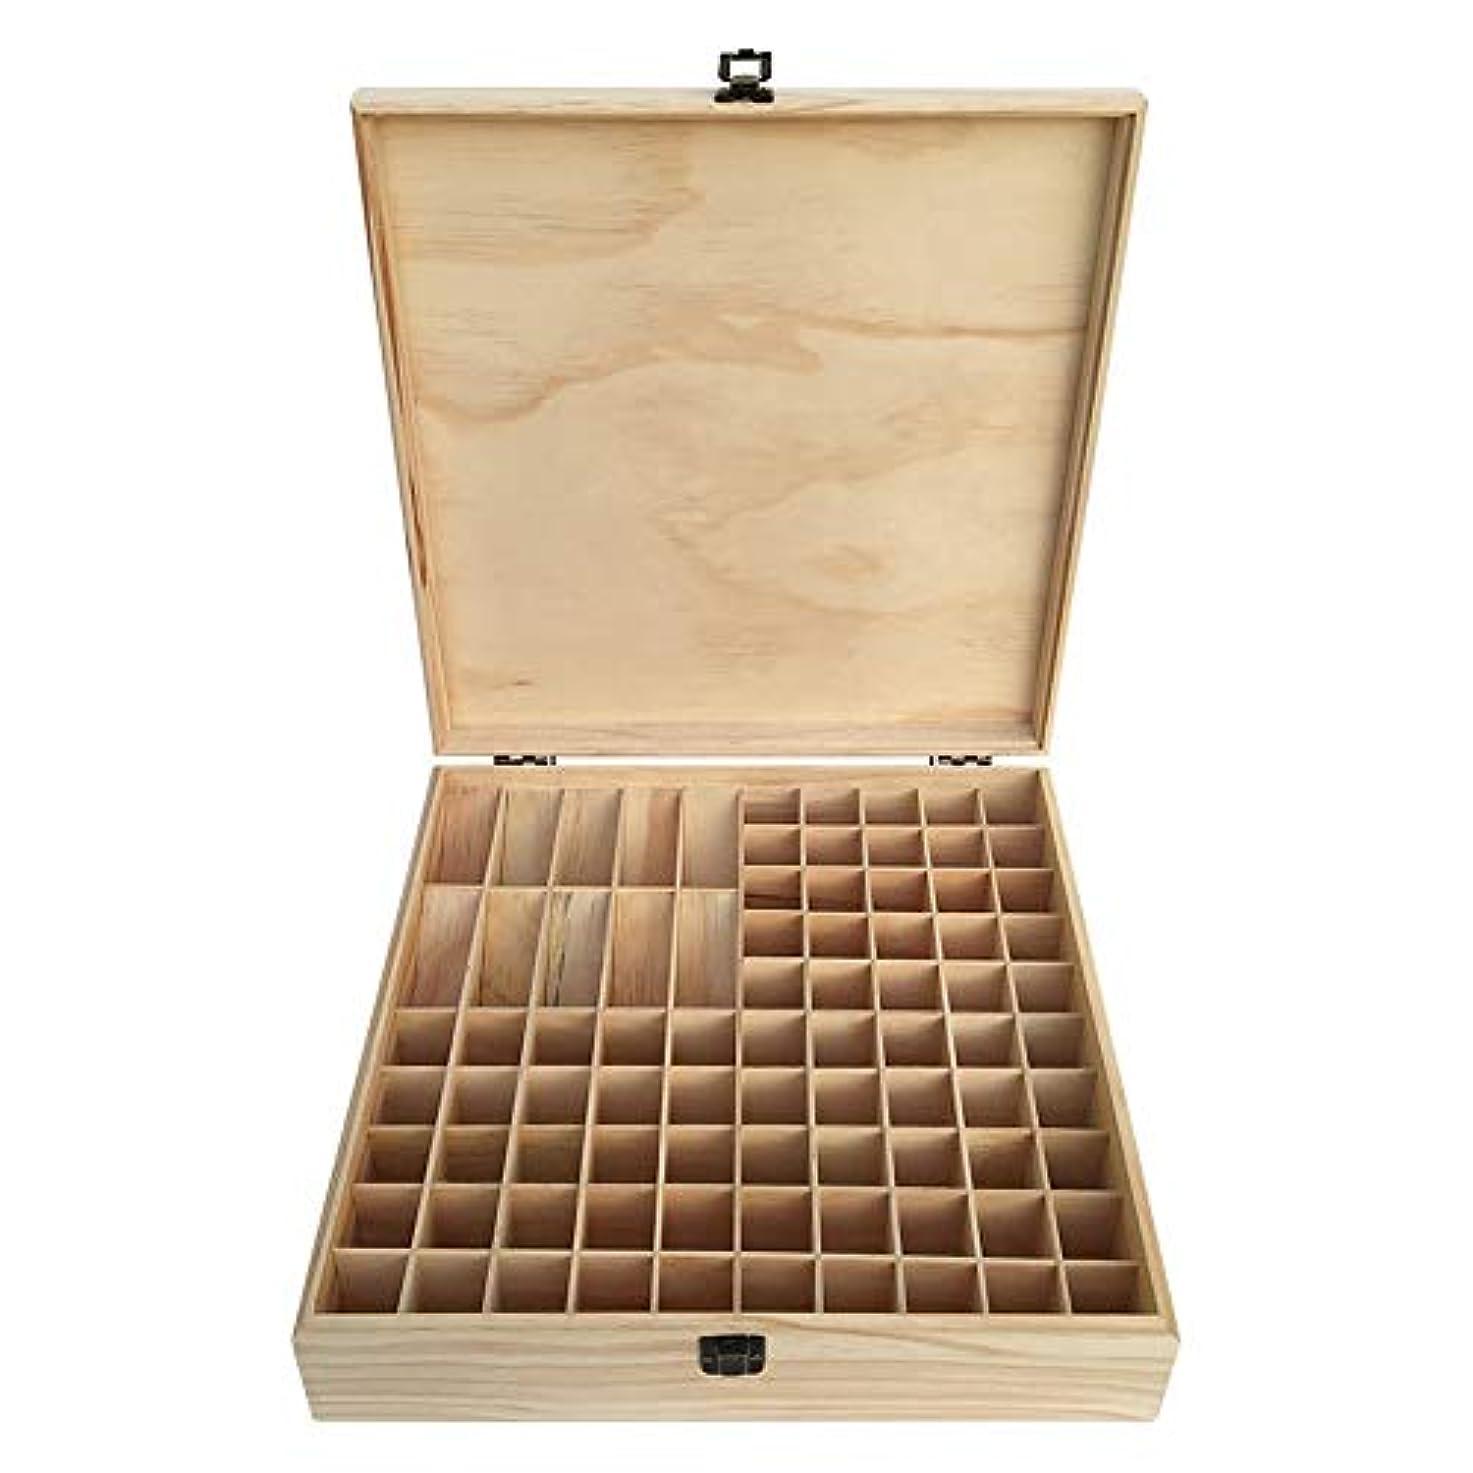 辞書無許可素晴らしさエッセンシャルオイルストレージボックス 大85スロット木製のエッセンシャルオイルストレージボックスナチュラルパインウッド 旅行およびプレゼンテーション用 (色 : Natural, サイズ : 35X35X9CM)